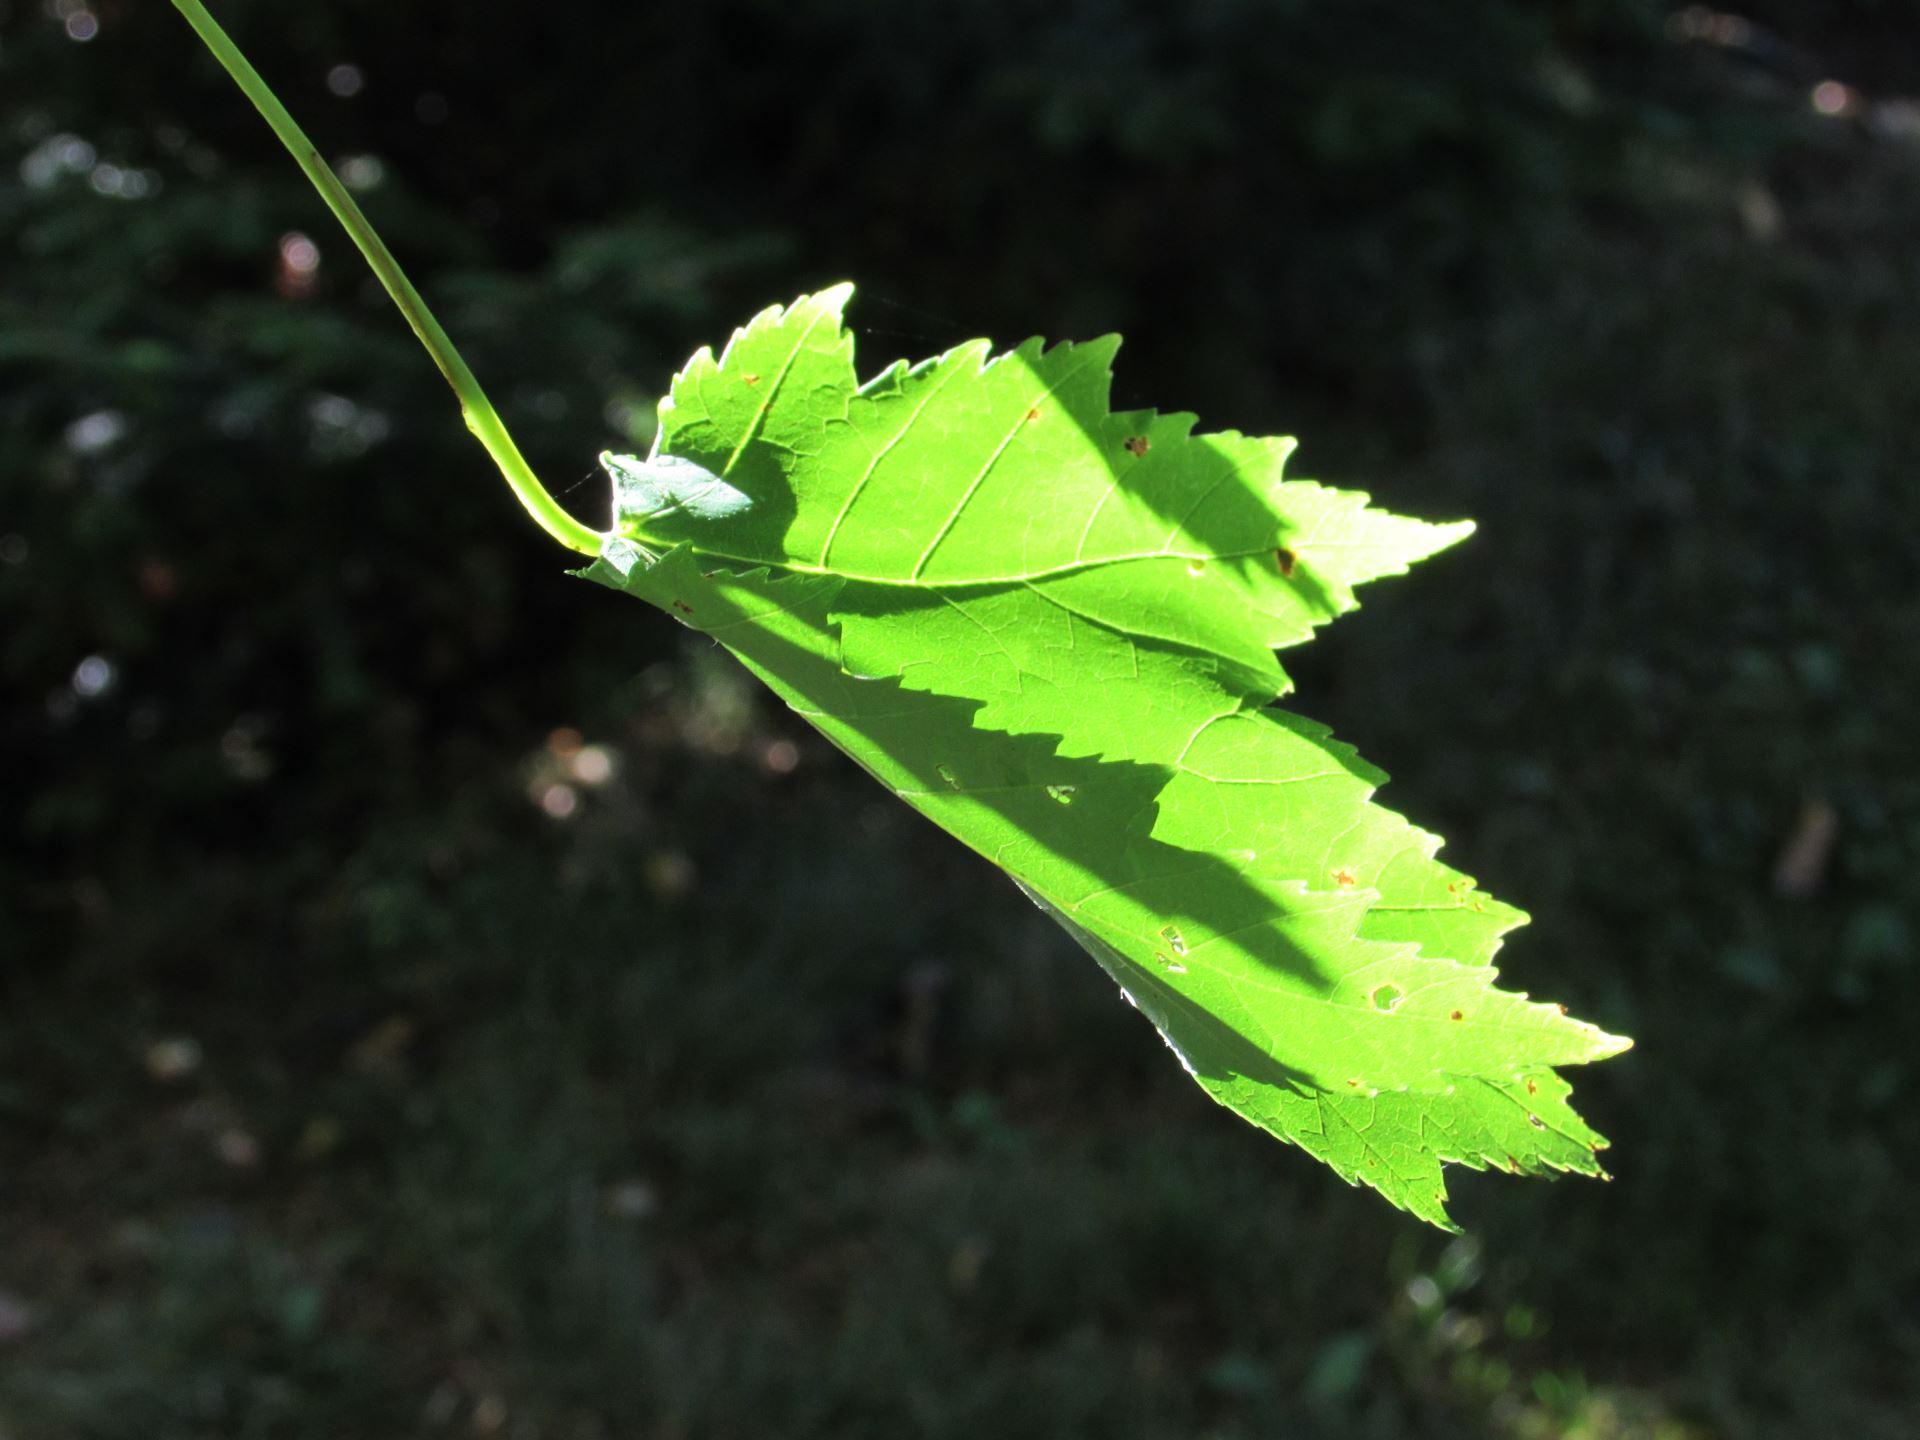 Leaf resized